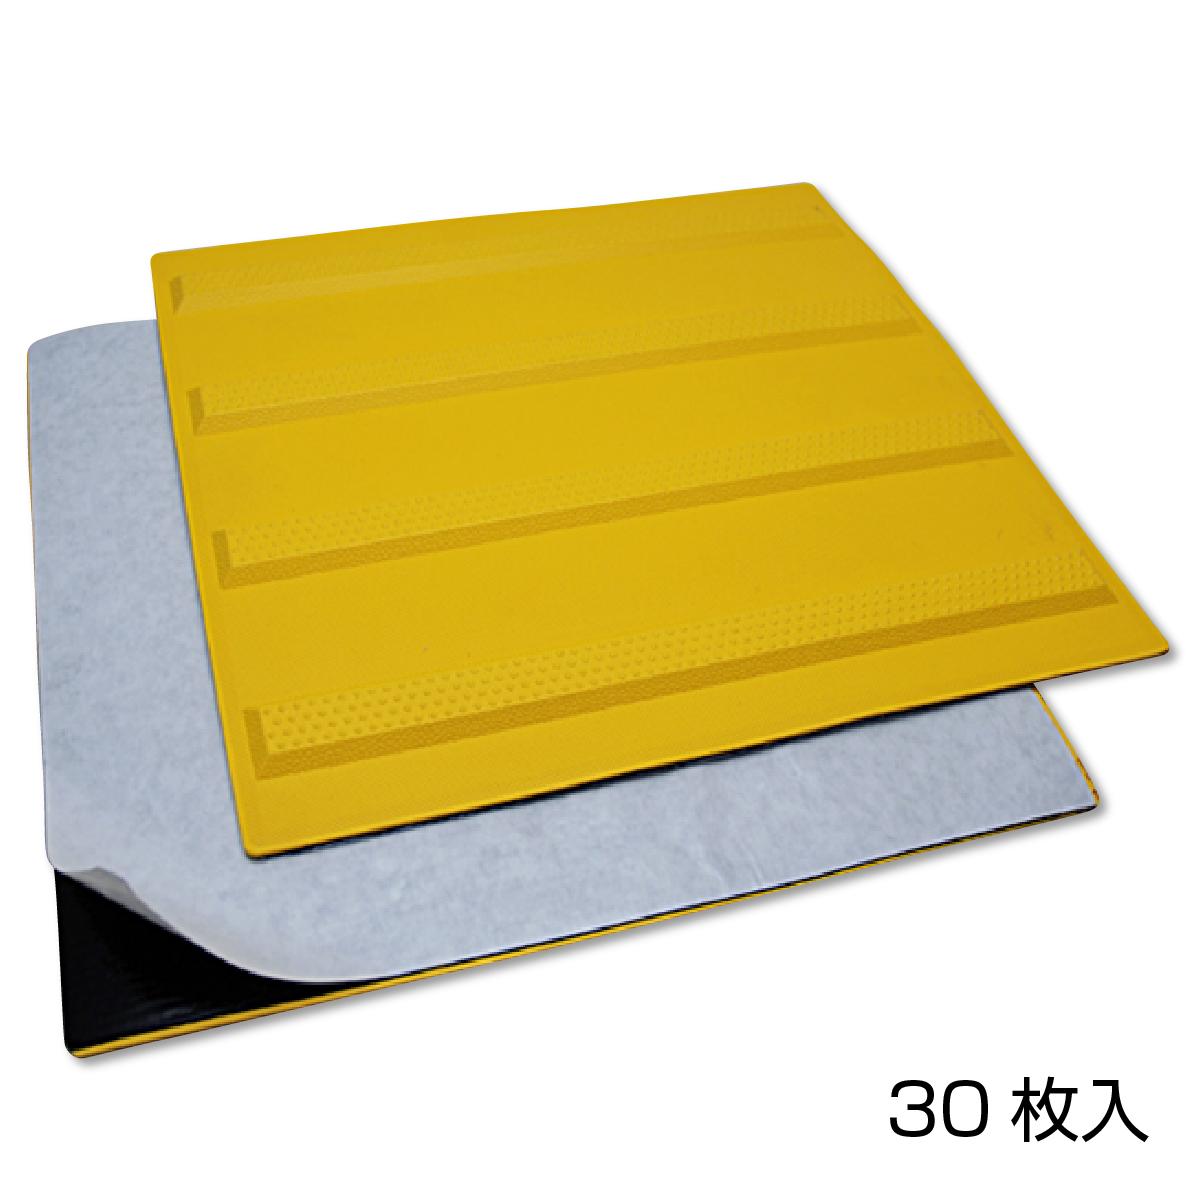 点字プレート アイエスプレート(is-PLATE)ゴム製 300×300mm 箱30枚入